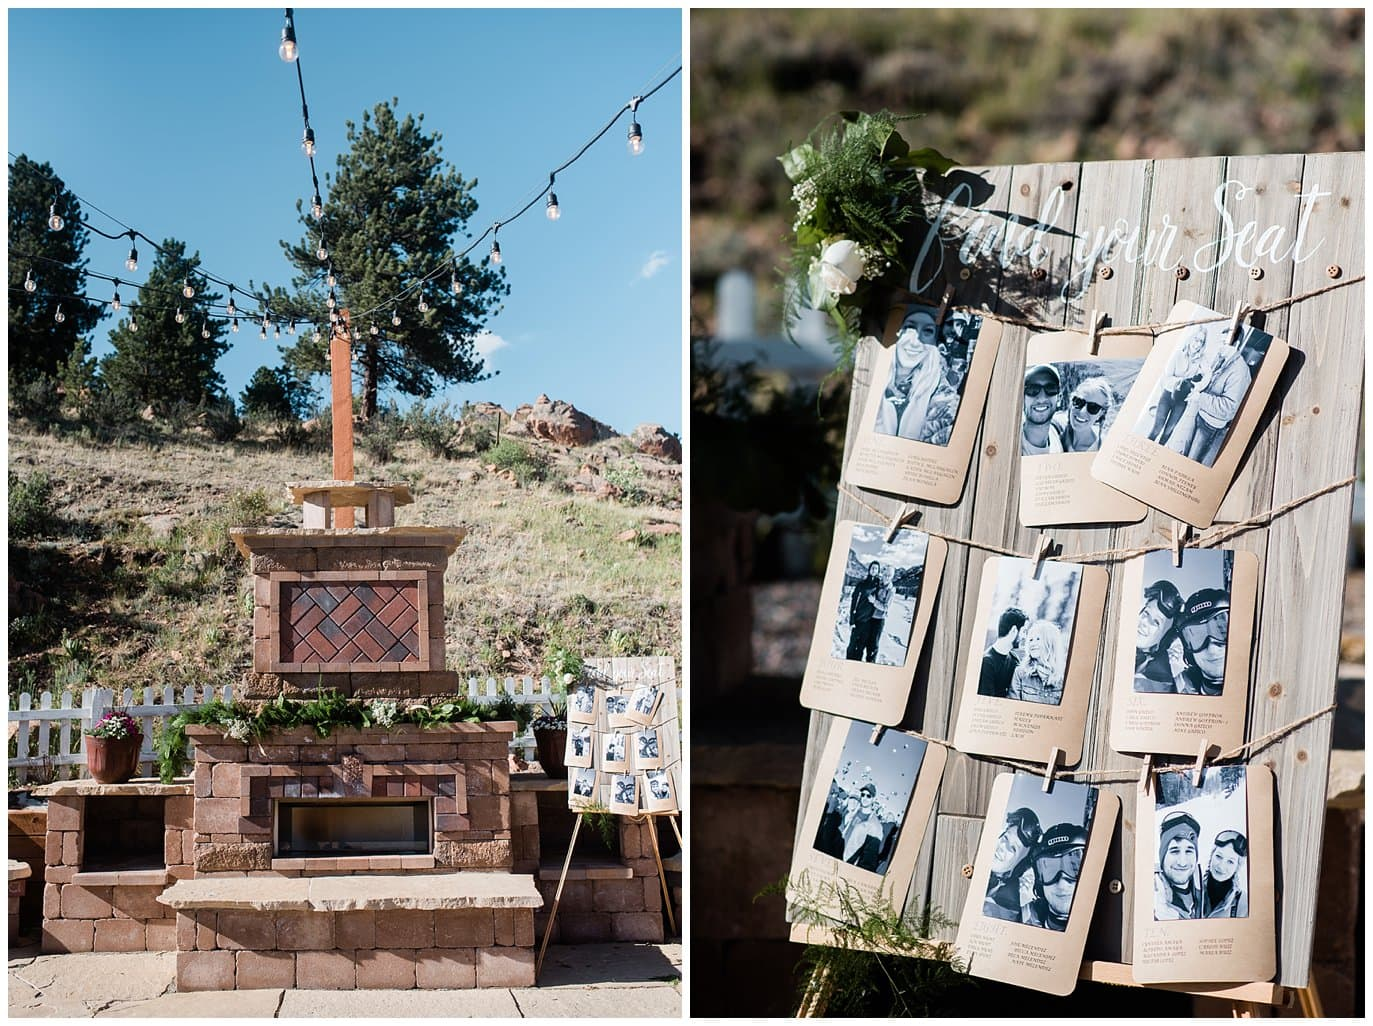 Deer Creek Valley Ranch outdoor wedding patio at Deer Creek Valley Ranch wedding by Boulder Wedding Photographer Jennie Crate Photographer